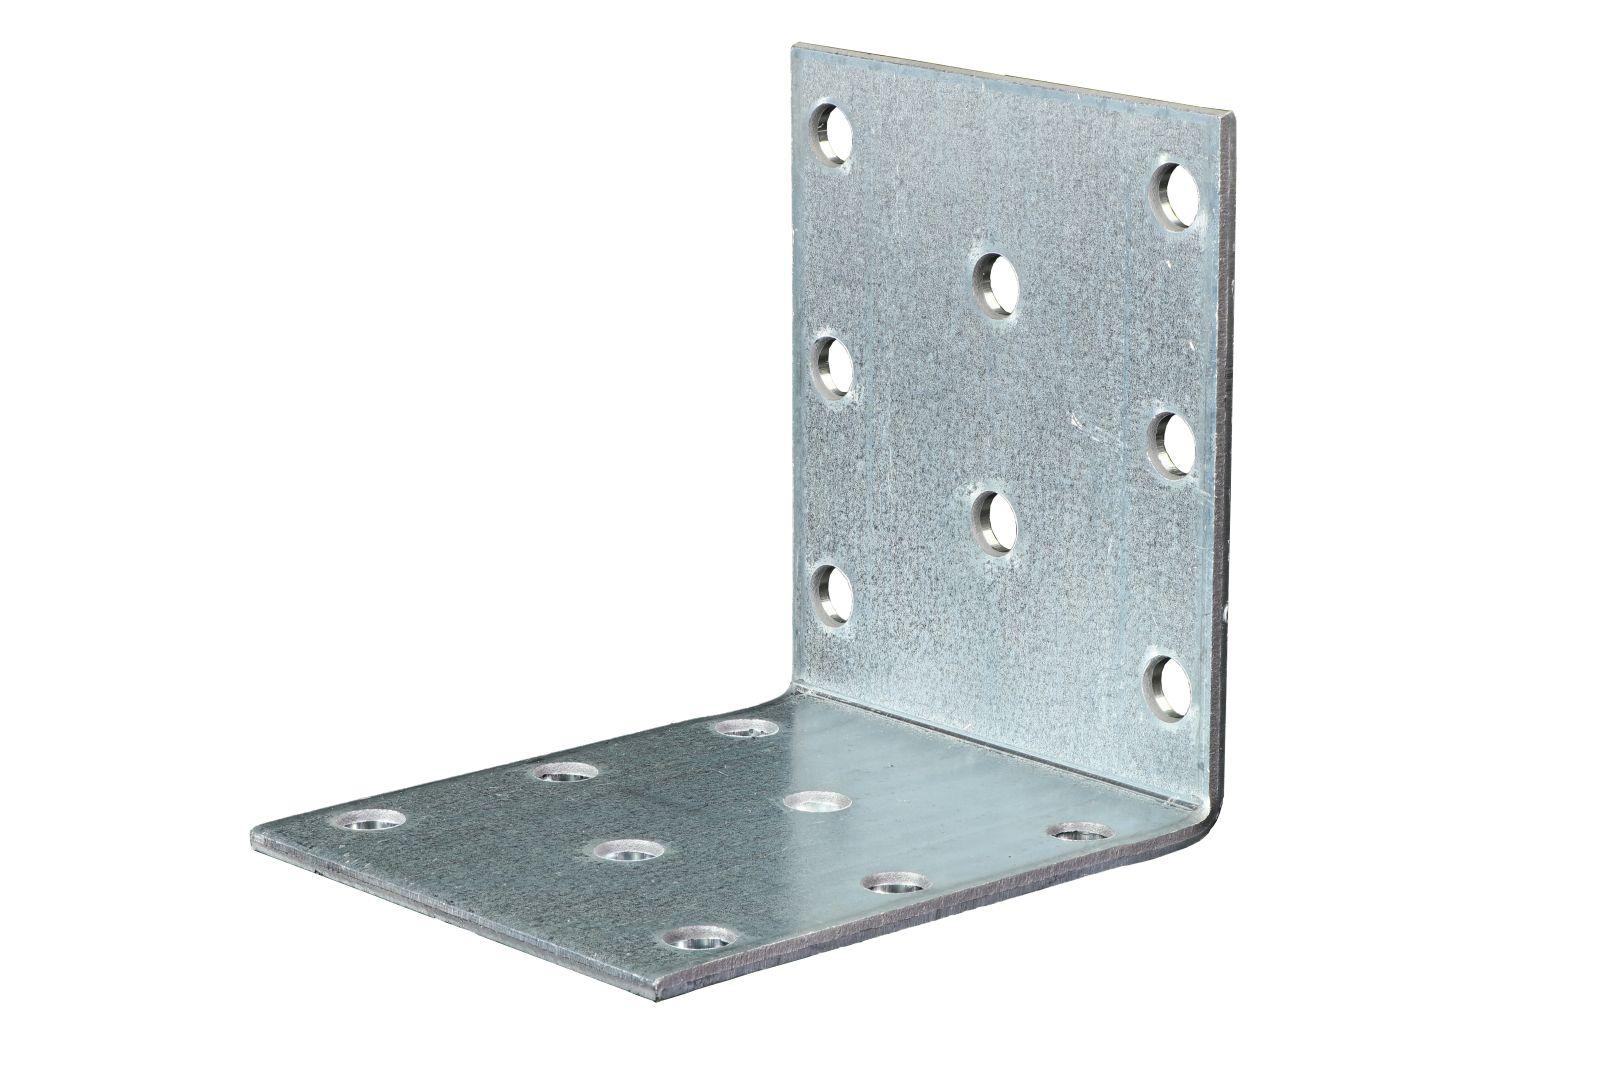 GAH Lochplattenwinkel, Winkelverbinder, sendzimirverzinkt, 60 x 60 x 50 mm, Stärke: 2 mm